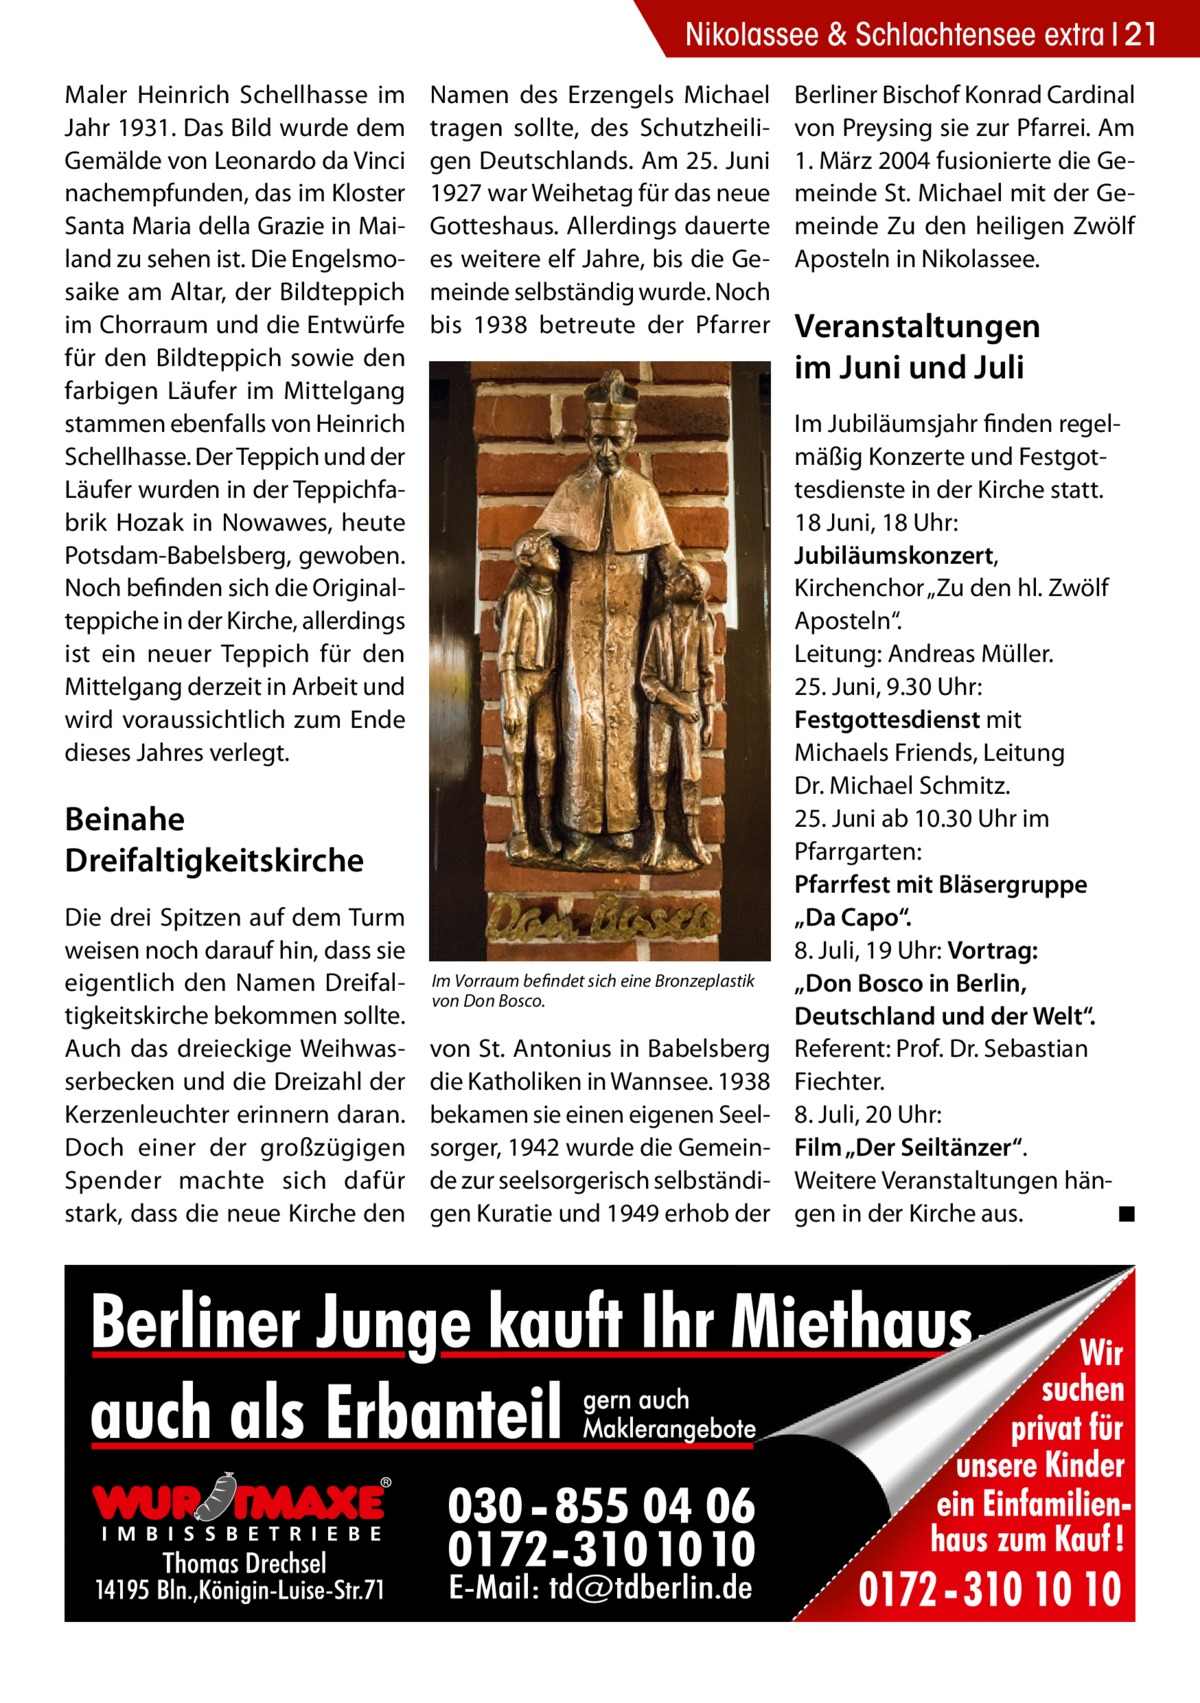 """Nikolassee & Schlachtensee extra 21 Maler Heinrich Schellhasse im Jahr 1931. Das Bild wurde dem Gemälde von Leonardo da Vinci nachempfunden, das im Kloster Santa Maria della Grazie in Mailand zu sehen ist. Die Engelsmosaike am Altar, der Bildteppich im Chorraum und die Entwürfe für den Bildteppich sowie den farbigen Läufer im Mittelgang stammen ebenfalls von Heinrich Schellhasse. Der Teppich und der Läufer wurden in der Teppichfabrik Hozak in Nowawes, heute Potsdam-Babelsberg, gewoben. Noch befinden sich die Originalteppiche in der Kirche, allerdings ist ein neuer Teppich für den Mittelgang derzeit in Arbeit und wird voraussichtlich zum Ende dieses Jahres verlegt.  Namen des Erzengels Michael tragen sollte, des Schutzheiligen Deutschlands. Am 25.Juni 1927 war Weihetag für das neue Gotteshaus. Allerdings dauerte es weitere elf Jahre, bis die Gemeinde selbständig wurde. Noch bis 1938 betreute der Pfarrer  Beinahe Dreifaltigkeitskirche Die drei Spitzen auf dem Turm weisen noch darauf hin, dass sie eigentlich den Namen Dreifaltigkeitskirche bekommen sollte. Auch das dreieckige Weihwasserbecken und die Dreizahl der Kerzenleuchter erinnern daran. Doch einer der großzügigen Spender machte sich dafür stark, dass die neue Kirche den  Im Vorraum befindet sich eine Bronzeplastik von Don Bosco.  von St. Antonius in Babelsberg die Katholiken in Wannsee. 1938 bekamen sie einen eigenen Seelsorger, 1942 wurde die Gemeinde zur seelsorgerisch selbständigen Kuratie und 1949 erhob der  Berliner Bischof Konrad Cardinal von Preysing sie zur Pfarrei. Am 1.März 2004 fusionierte die Gemeinde St. Michael mit der Gemeinde Zu den heiligen Zwölf Aposteln in Nikolassee.  Veranstaltungen im Juni und Juli Im Jubiläumsjahr finden regelmäßig Konzerte und Festgottesdienste in der Kirche statt. 18 Juni, 18Uhr: Jubiläumskonzert, Kirchenchor """"Zu den hl. Zwölf Aposteln"""". Leitung: Andreas Müller. 25.Juni, 9.30Uhr: Festgottesdienst mit Michaels Friends, Leitung Dr.Michael Schmitz. 25.Juni ab 10.30Uhr im Pf"""